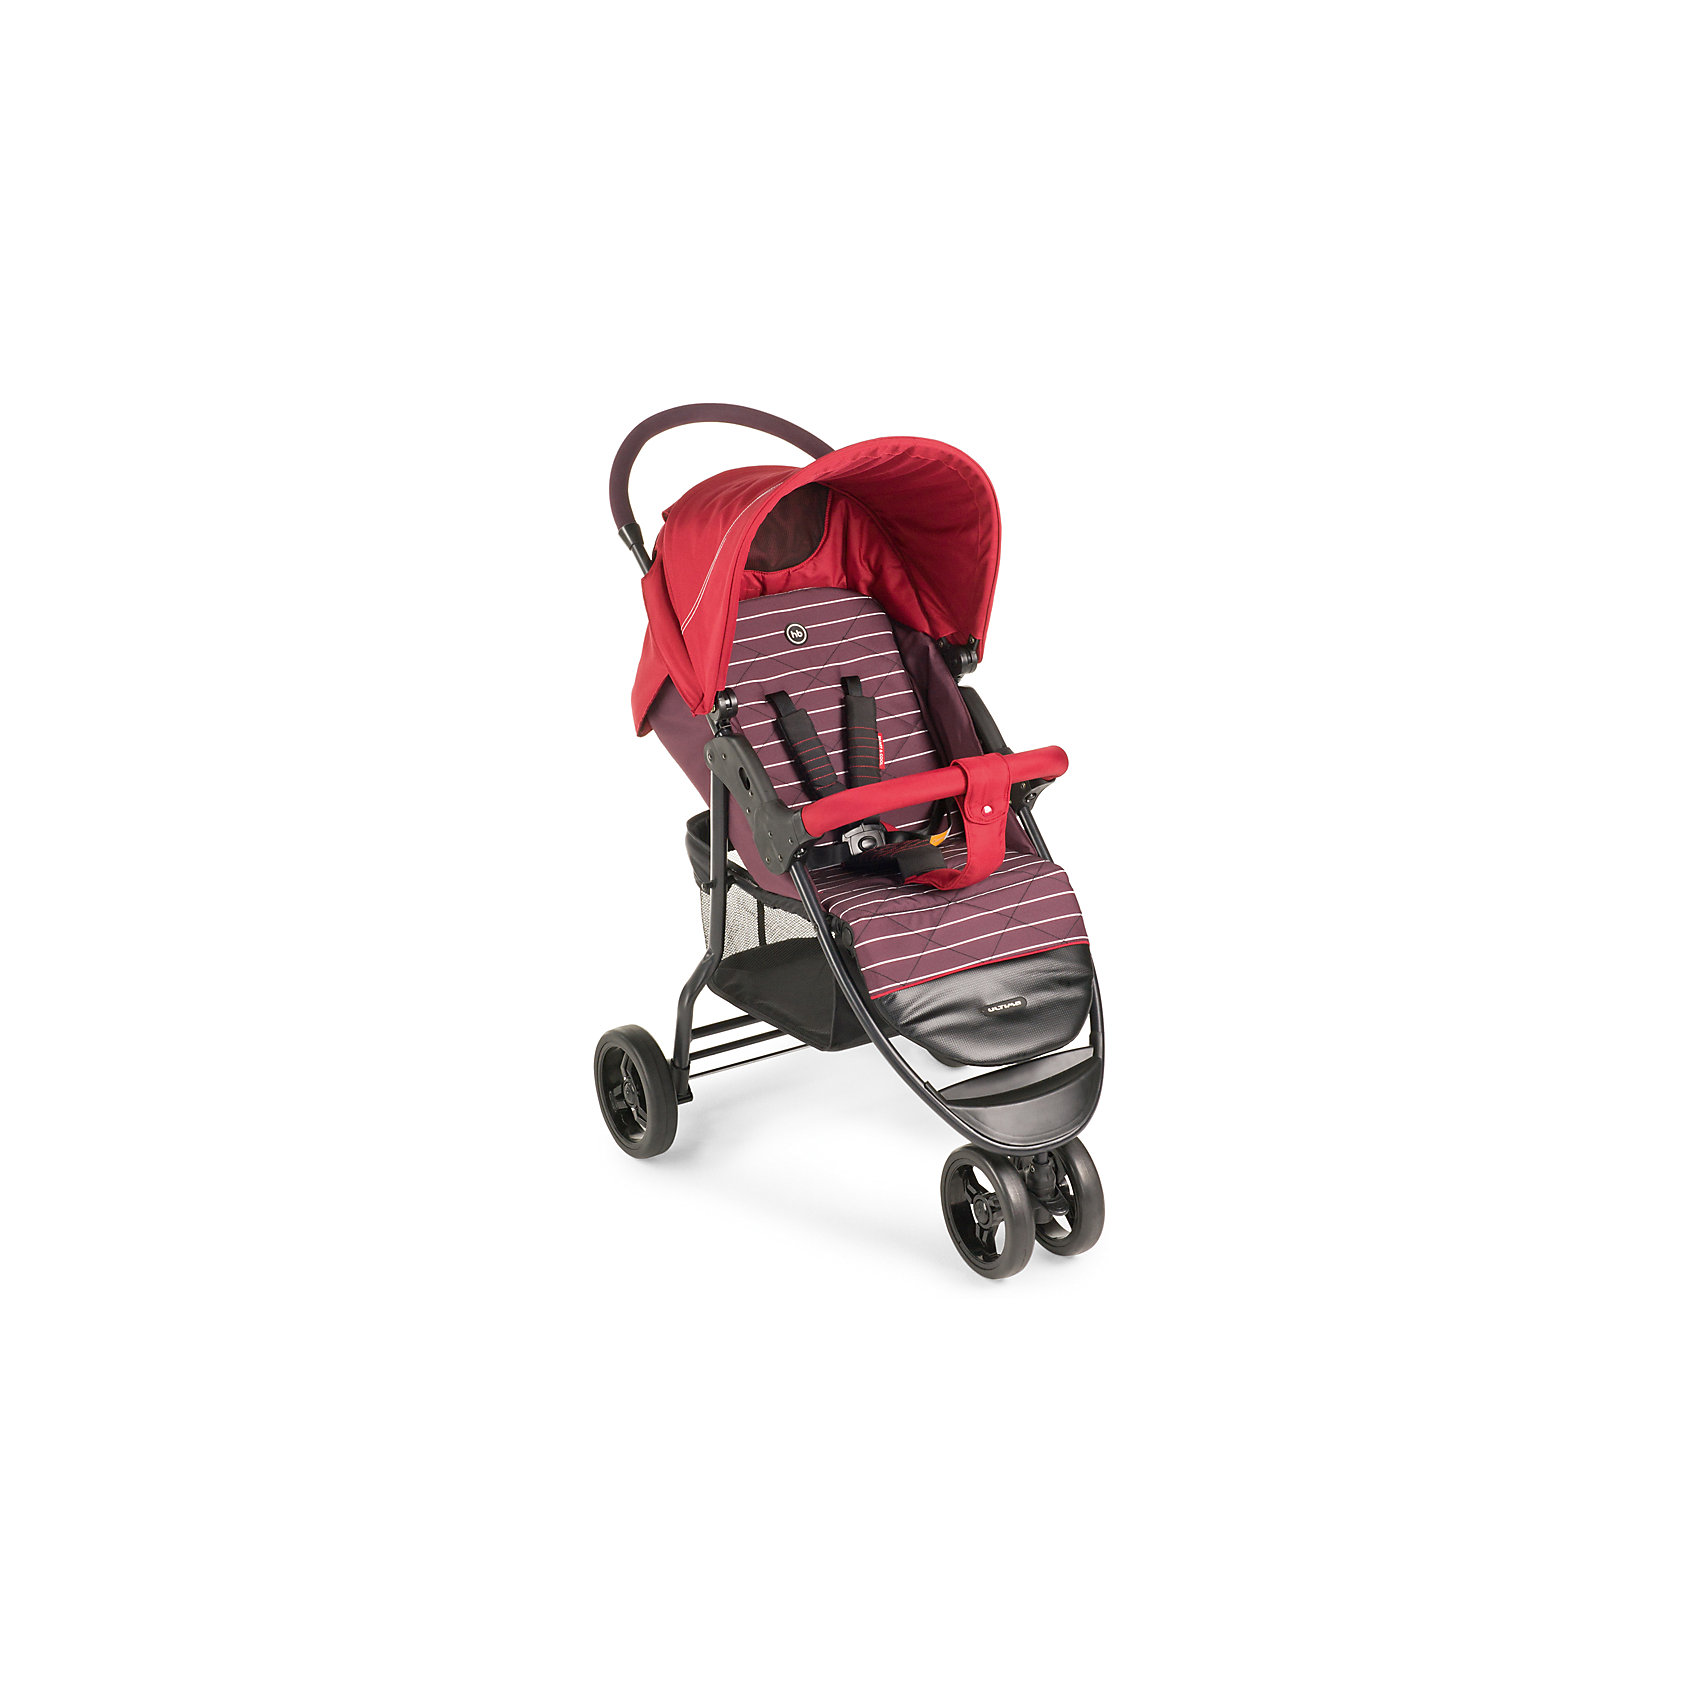 Прогулочная коляска Ultima, Happy Baby, красныйСдвоенное переднее колесо коляски ULTIMA обеспечит высокую<br>надежность и максимальную устойчивость. Возможность<br>переключения режима передних колес (фиксированный или<br>поворотный) превращает коляску в настоящий внедорожник-<br>вездеход. ULTIMA имеет просторное посадочное место, в котором не будет тесно даже крупным деткам. При весе всего 8,5кг коляска имеет амортизацию на передних и задних колесах, съемный бампер, регулируемую в 3 положениях подножку, большой капор со смотровым окном и прозрачной пленкой, пятиточечные ремни безопасности с мягкими накладками, удобную тормозную систему. <br><br>Дополнительная информация:<br><br>Максимальный вес ребенка: 15 кг<br>Ширина сиденья: 34 см<br>Глубина сиденья: 21 см +24 см (подножка)<br>Длина спинки: 40см<br>Длина спального места: 85 см<br>Кол-во положений спинки: не ограничено (плавная регулировка)<br>Углы наклона спинки: от 90° до 180°<br>Диаметр колес: переднее — 19 , заднее — 19,5 см<br>Высота ручки не регулируется<br>Подножка регулируется: 3 положения<br>Задние колеса оснащены тормозным механизмом<br>Амортизация передних и задних колес<br>Съемный бампер<br>Вес коляски: 8,5 кг<br>В комплекте: дождевик, чехол на ножки, москитная сетка, корзина для покупок.<br><br>Прогулочную коляску Ultima, Happy Baby, красный можно купить в нашем магазине.<br><br>Ширина мм: 255<br>Глубина мм: 490<br>Высота мм: 830<br>Вес г: 10600<br>Цвет: красный<br>Возраст от месяцев: 7<br>Возраст до месяцев: 36<br>Пол: Унисекс<br>Возраст: Детский<br>SKU: 4580585